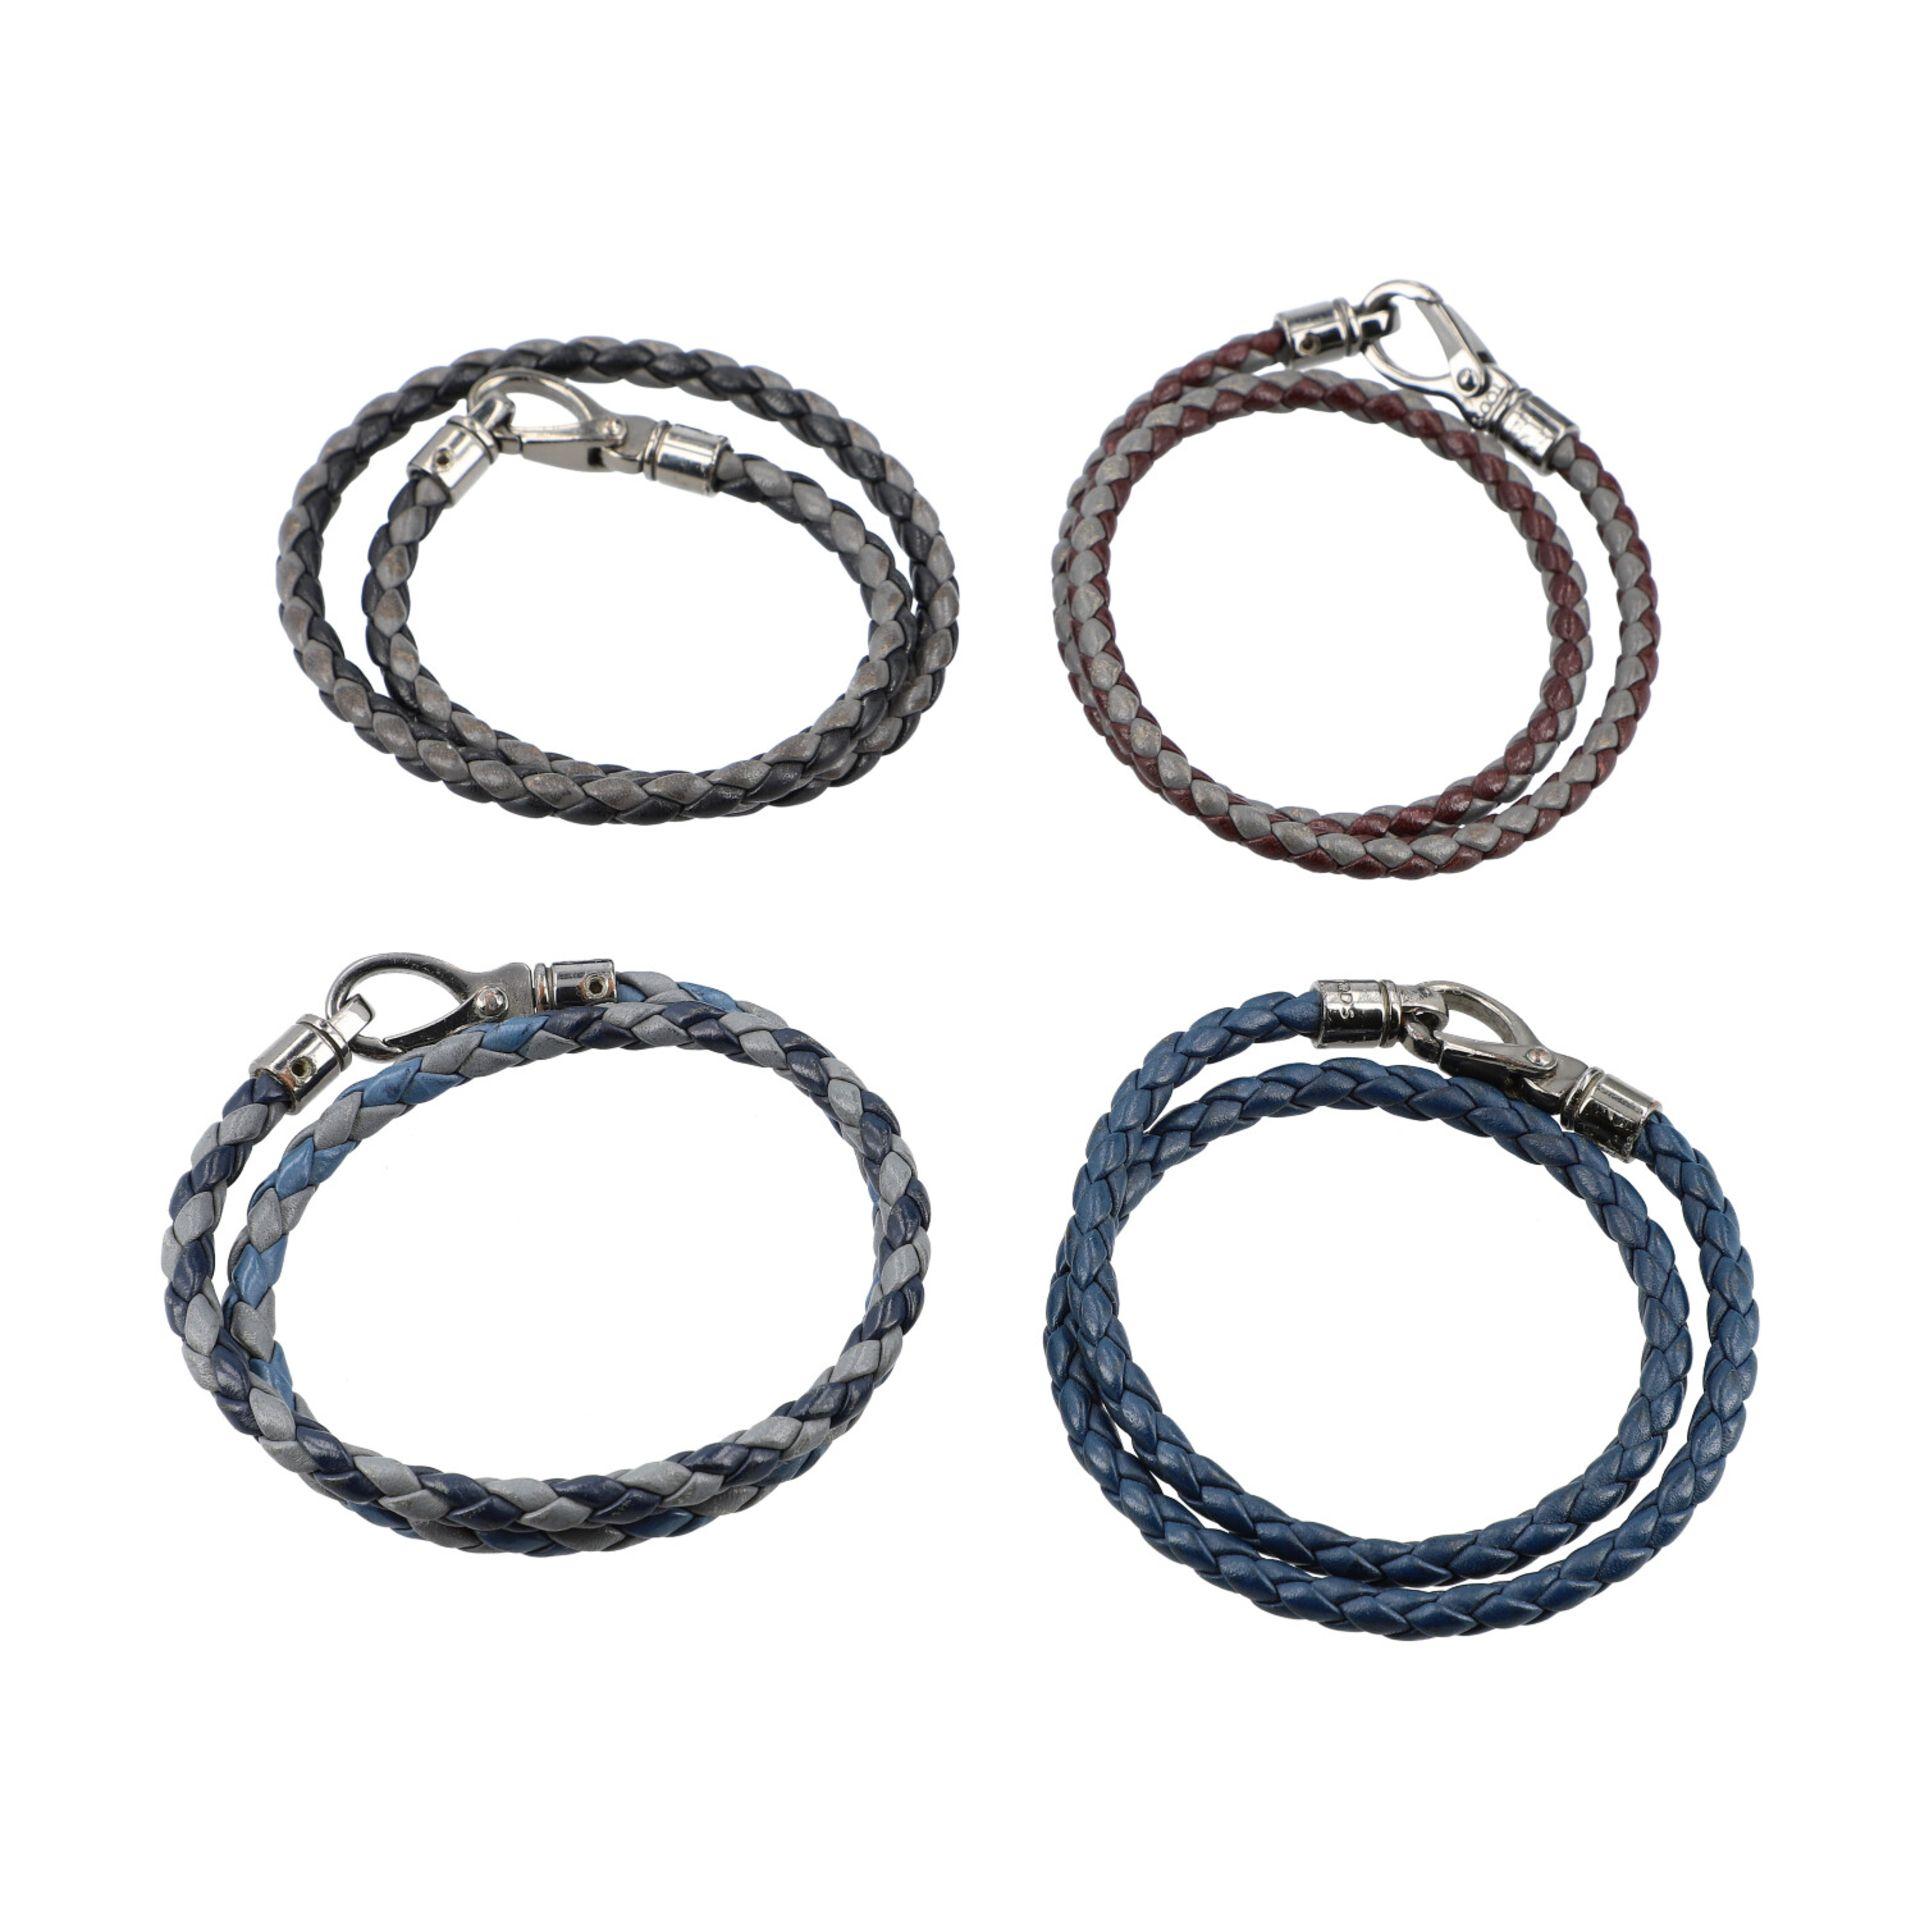 TOD´S Armbänder / Wickelarmbänder, NP. je ca.: 155,-€. 4x Geflochtenes Leder mit